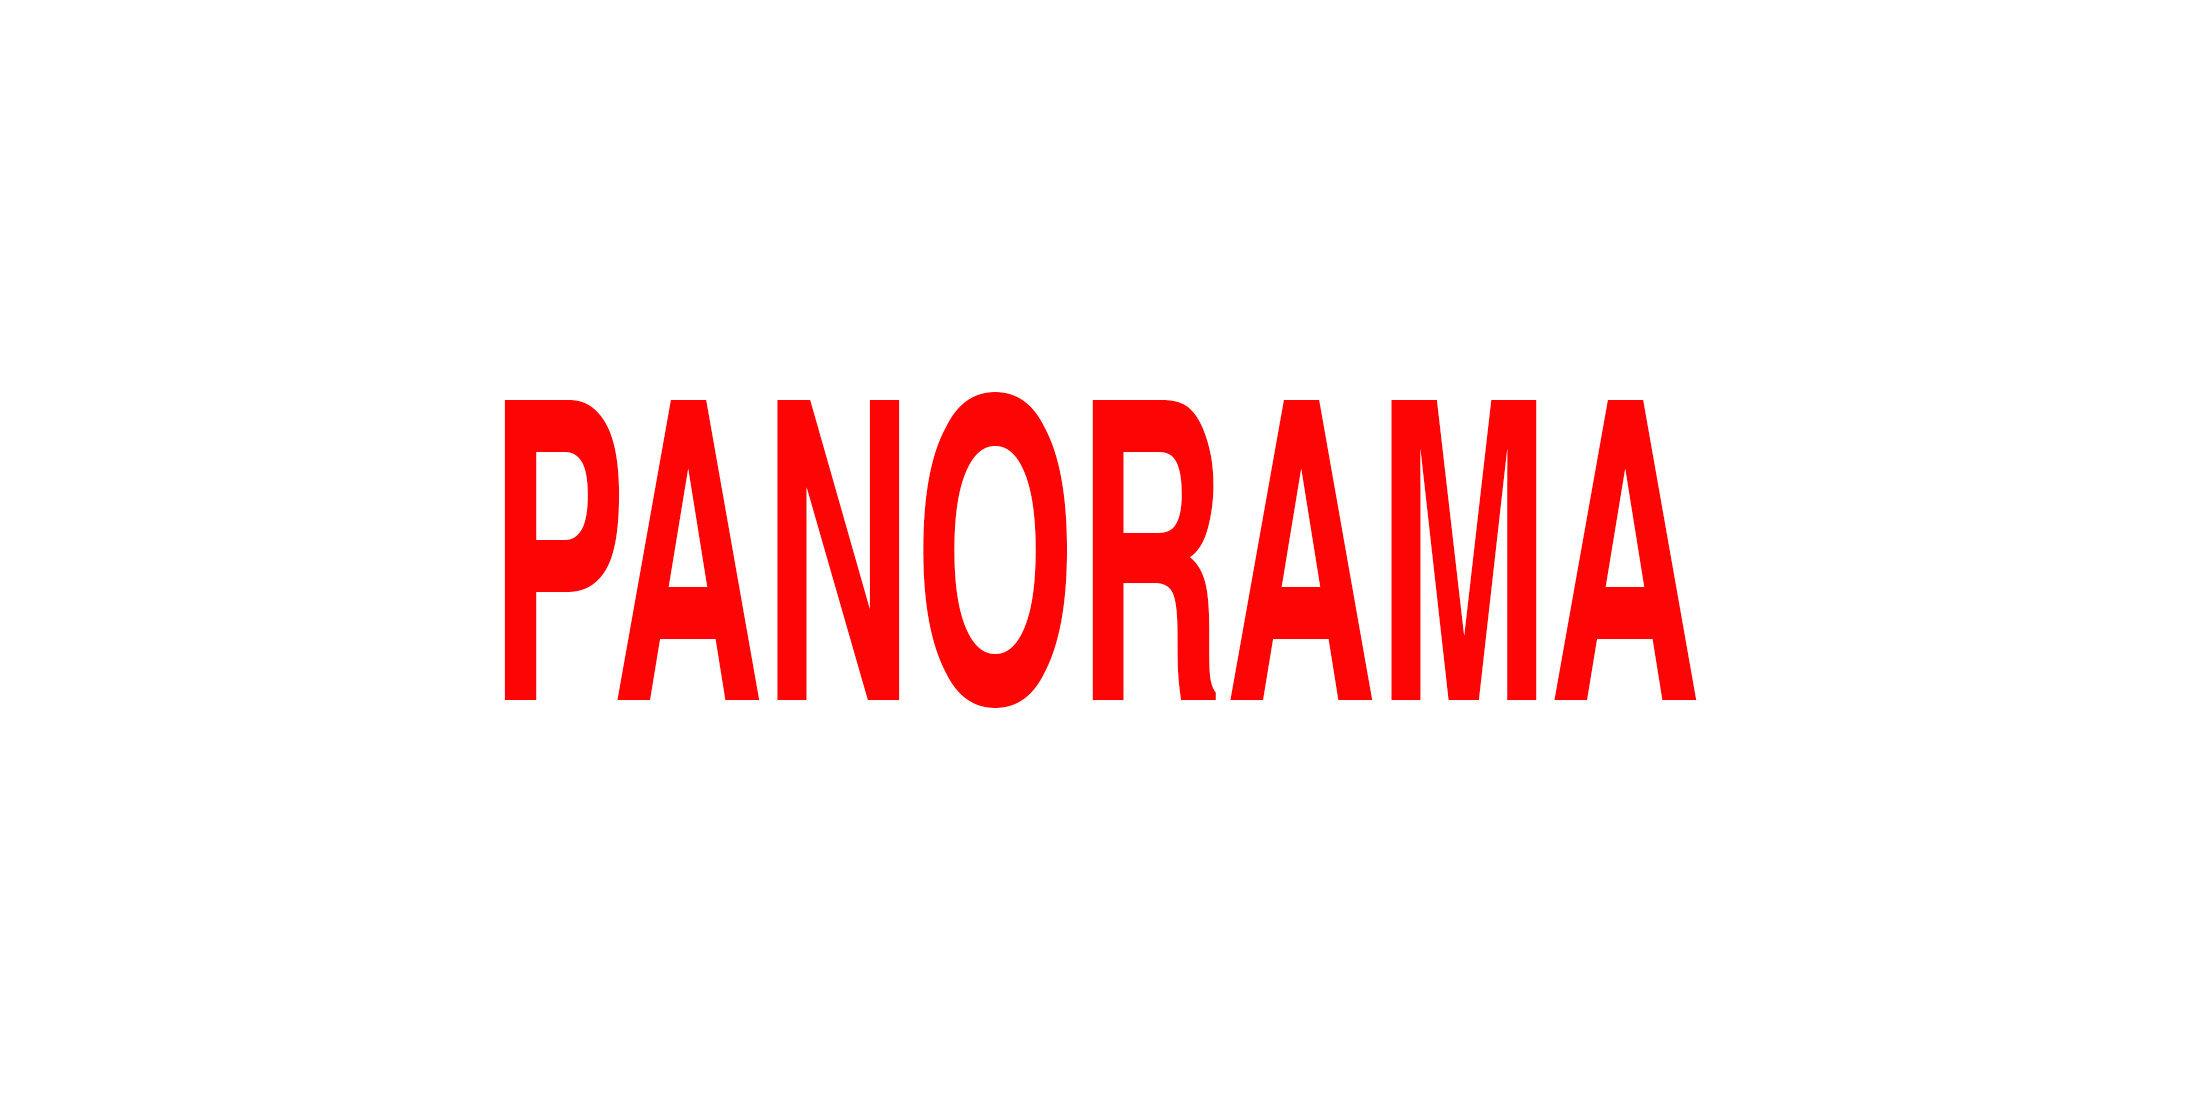 *****NEW Panorama.jpg